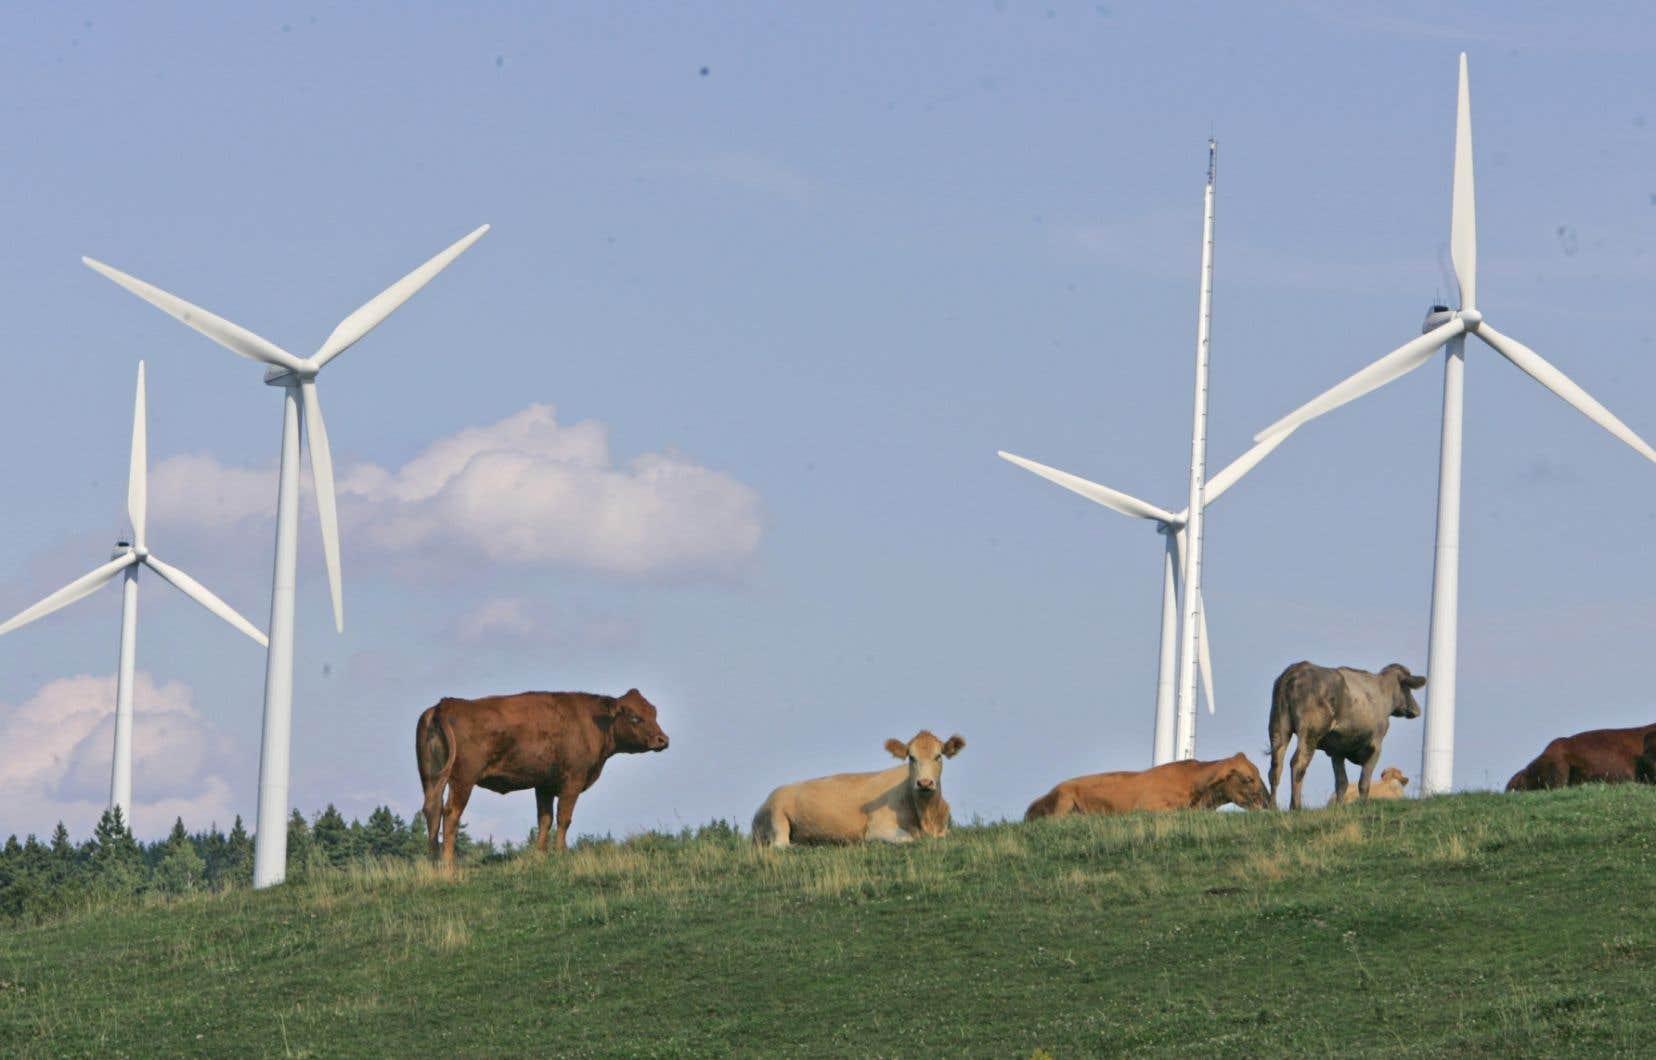 Les libéraux ont décidé de mettre sur pied un groupe de travail qui devra « bien documenter la situation actuelle » de l'éolien et « dégager une vision d'avenir », a dit Pierre Arcand.